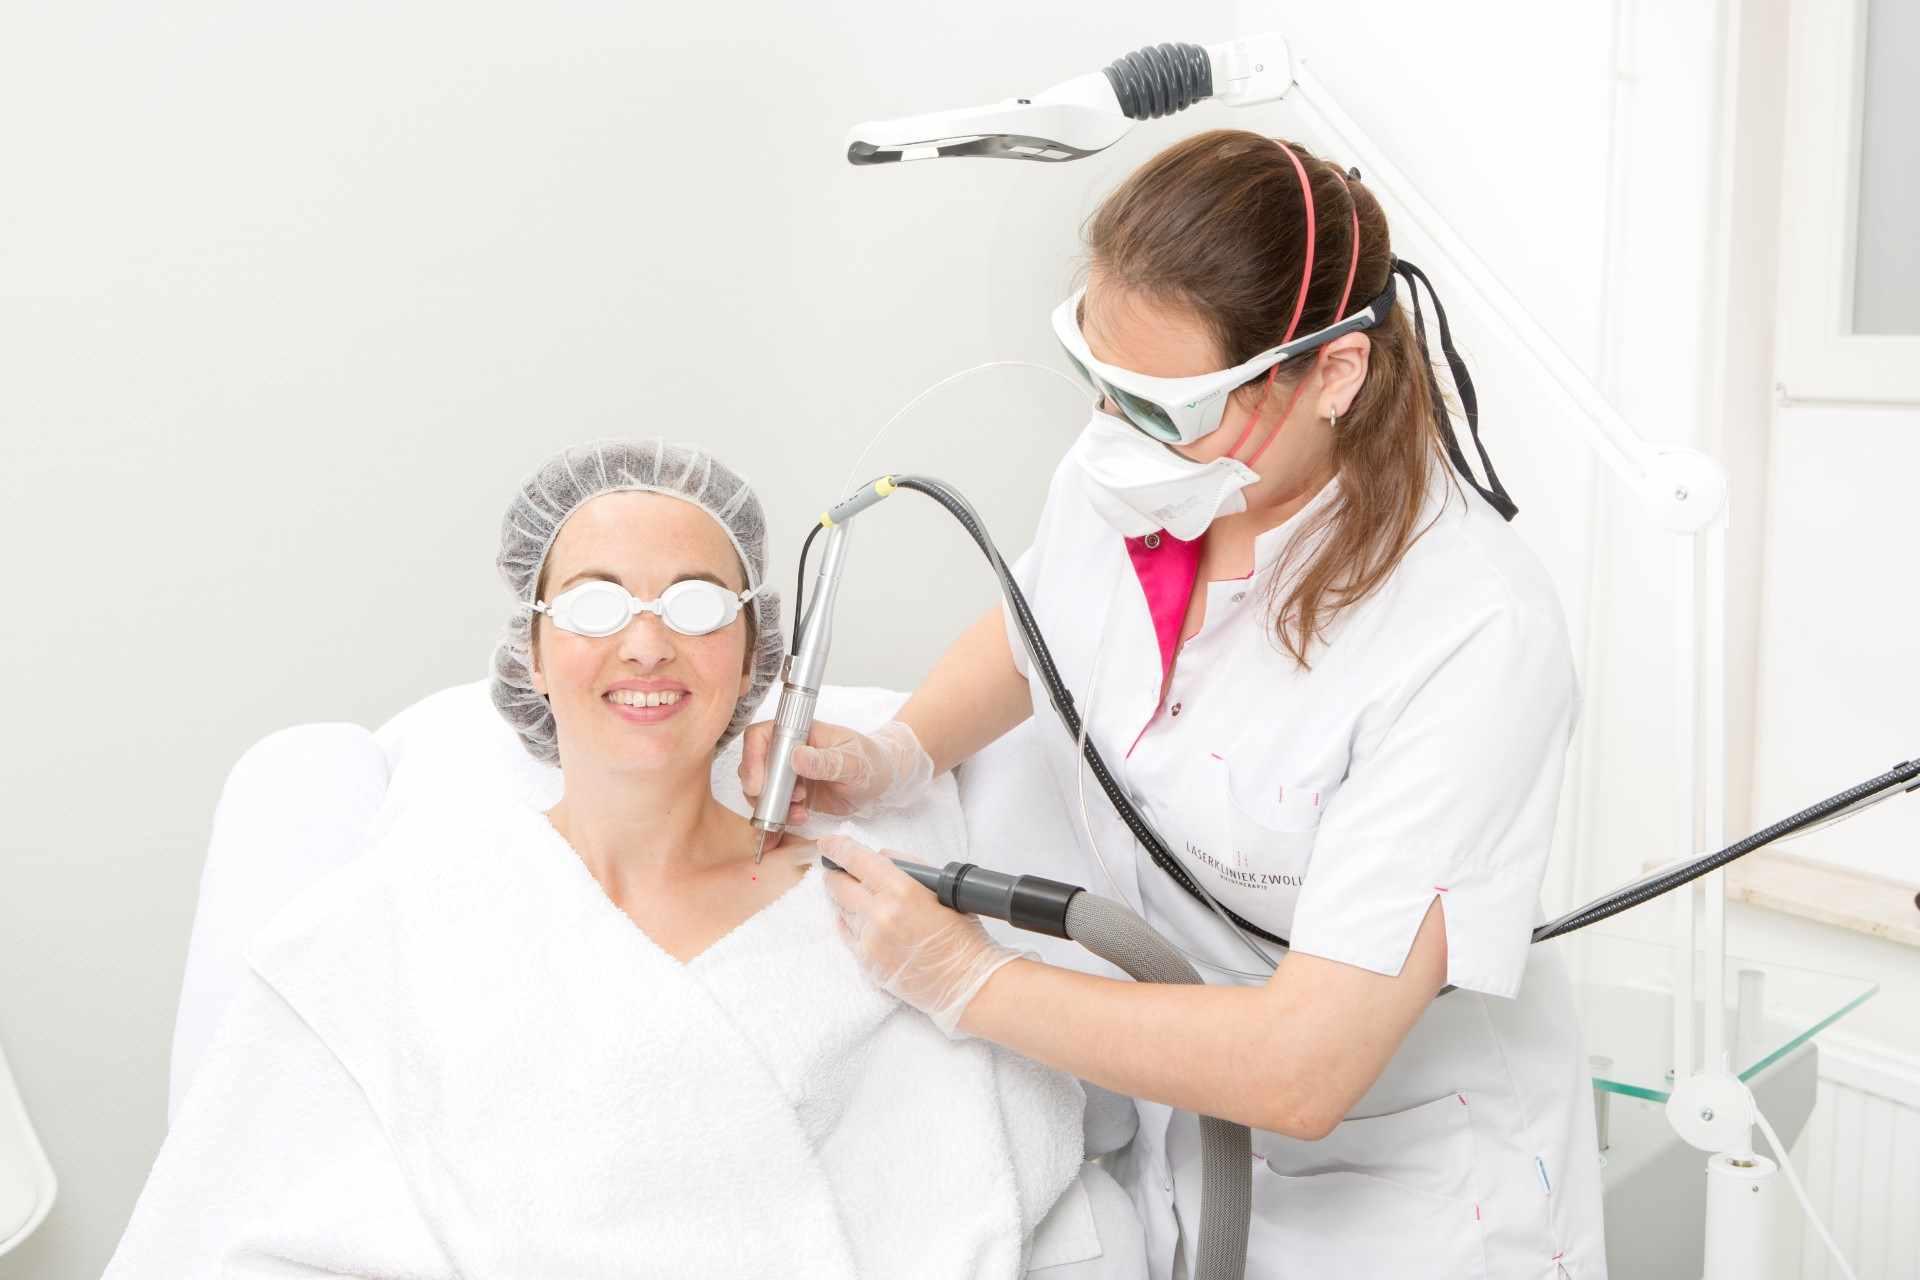 lasertherapie schimmelnagels